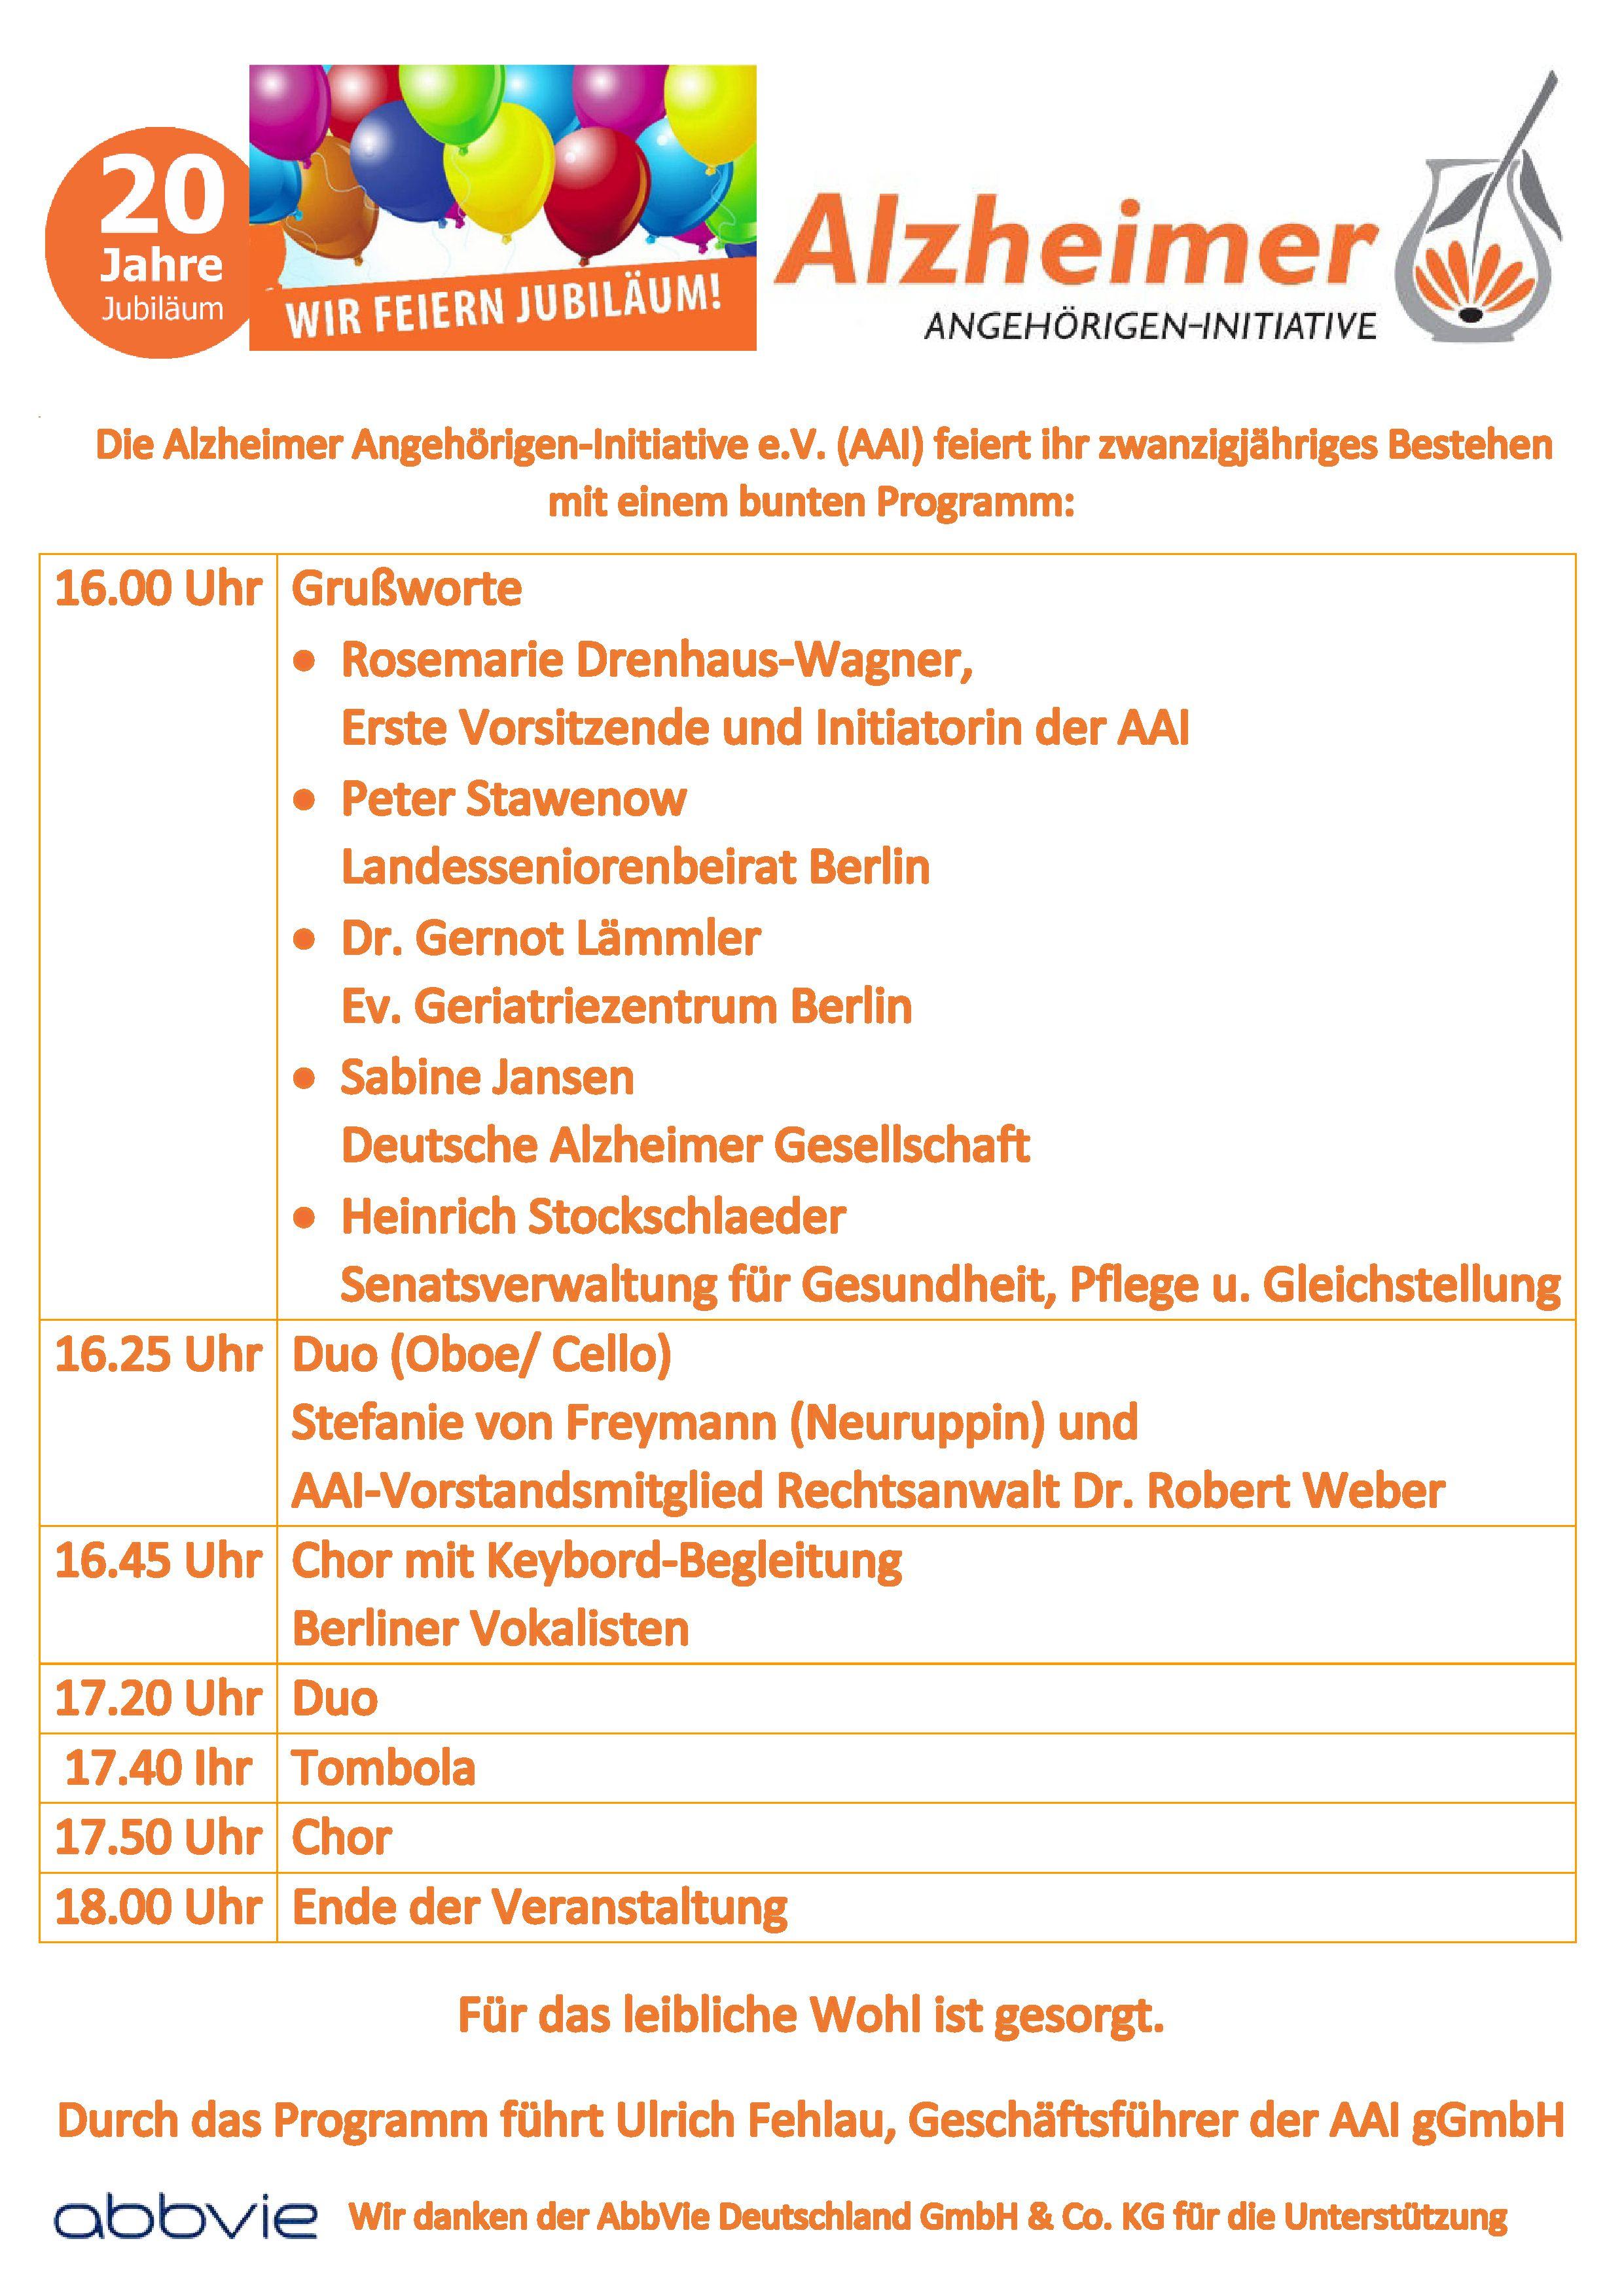 Programm zur Jubiläumsfeier 20 Jahre Alzhimer Angehörigen-Initiative e.V.